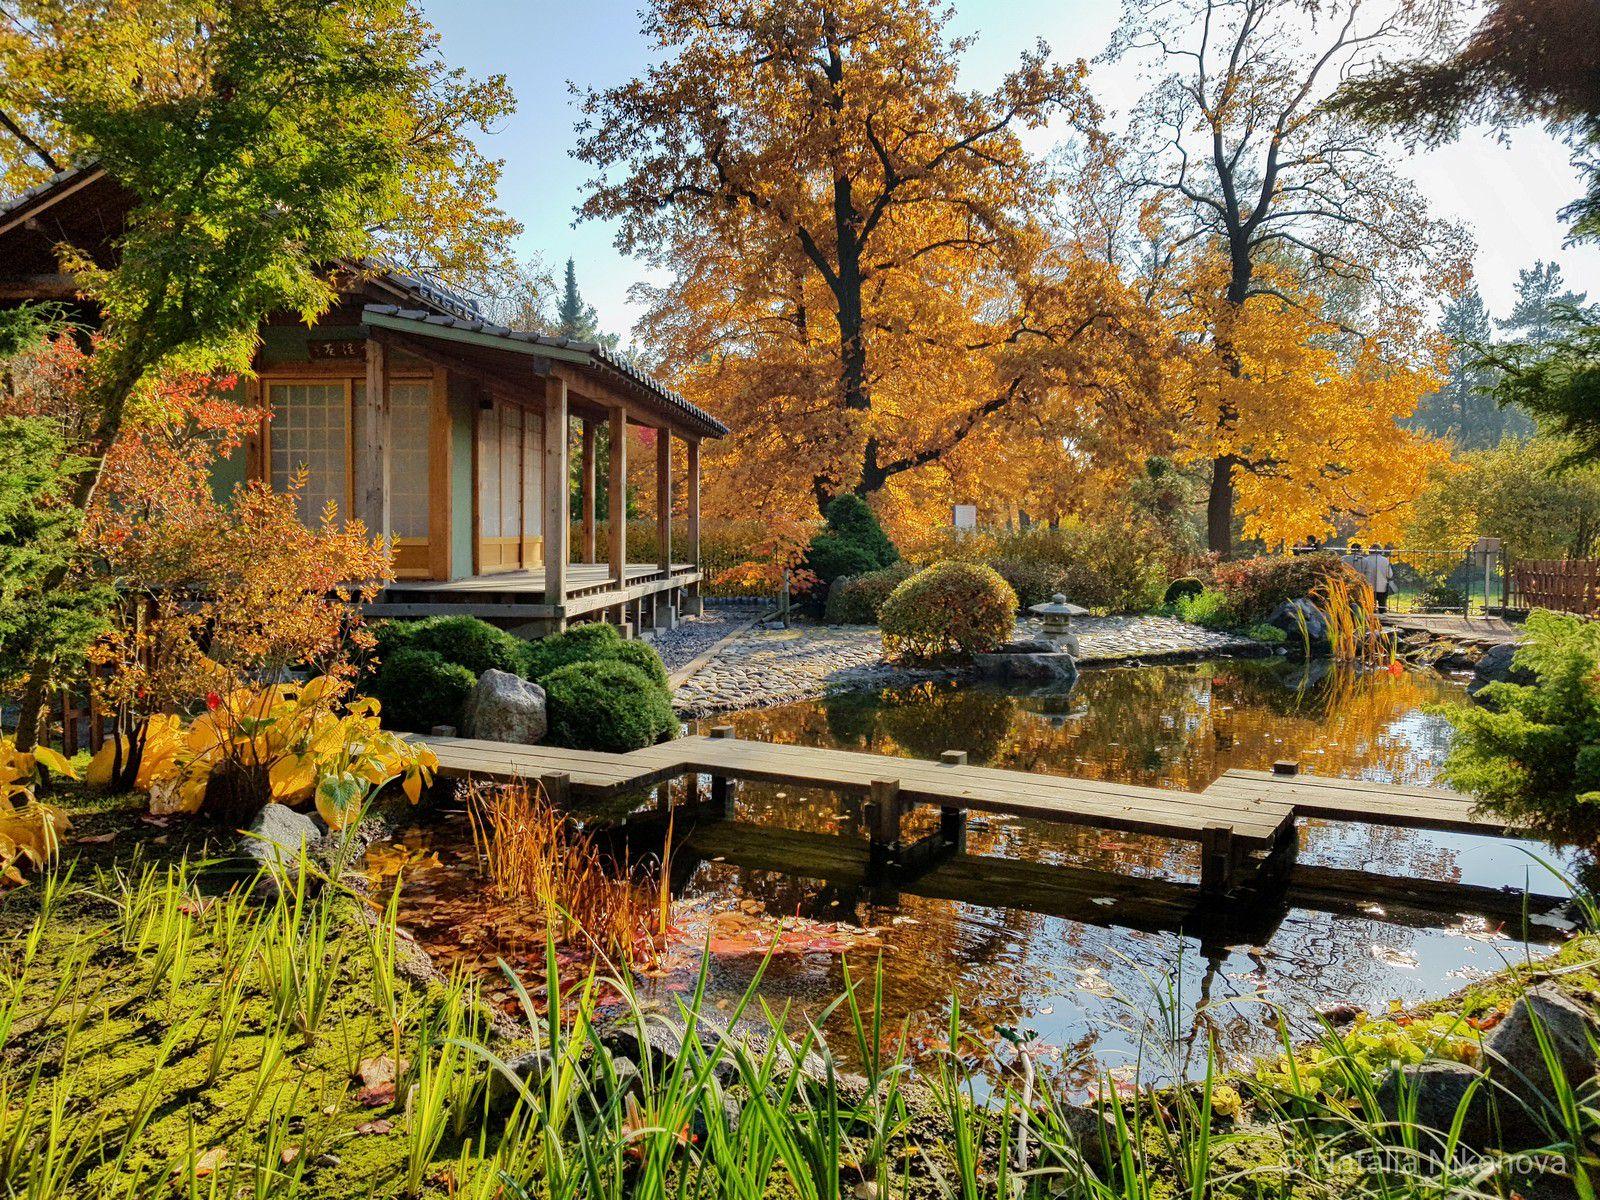 Виртуальный тур по пряничному Ботаническому саду фото 3